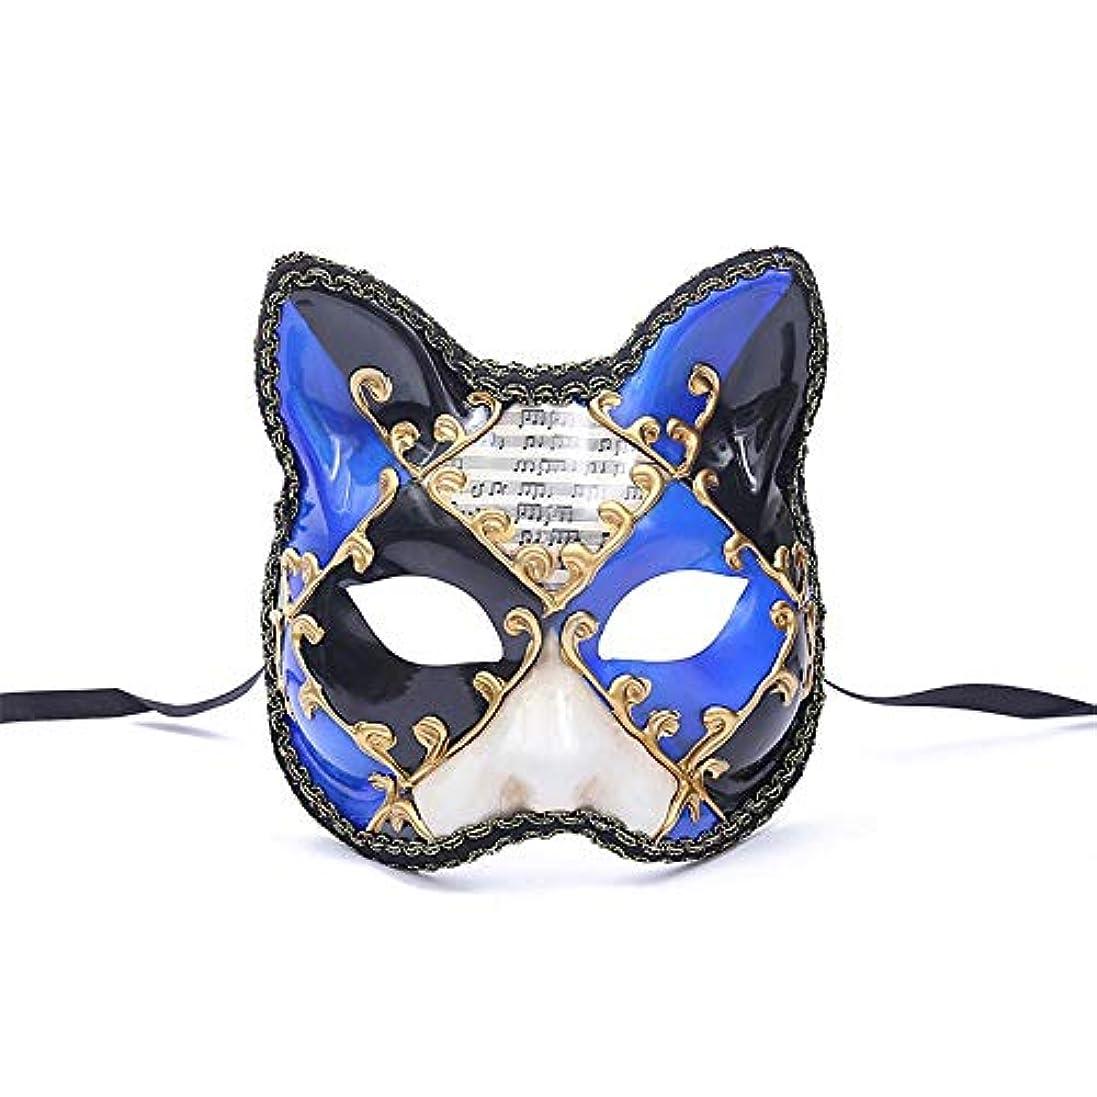 アカウント追い払う書道ダンスマスク 大きな猫アンティーク動物レトロコスプレハロウィーン仮装マスクナイトクラブマスク雰囲気フェスティバルマスク ホリデーパーティー用品 (色 : 青, サイズ : 17.5x16cm)